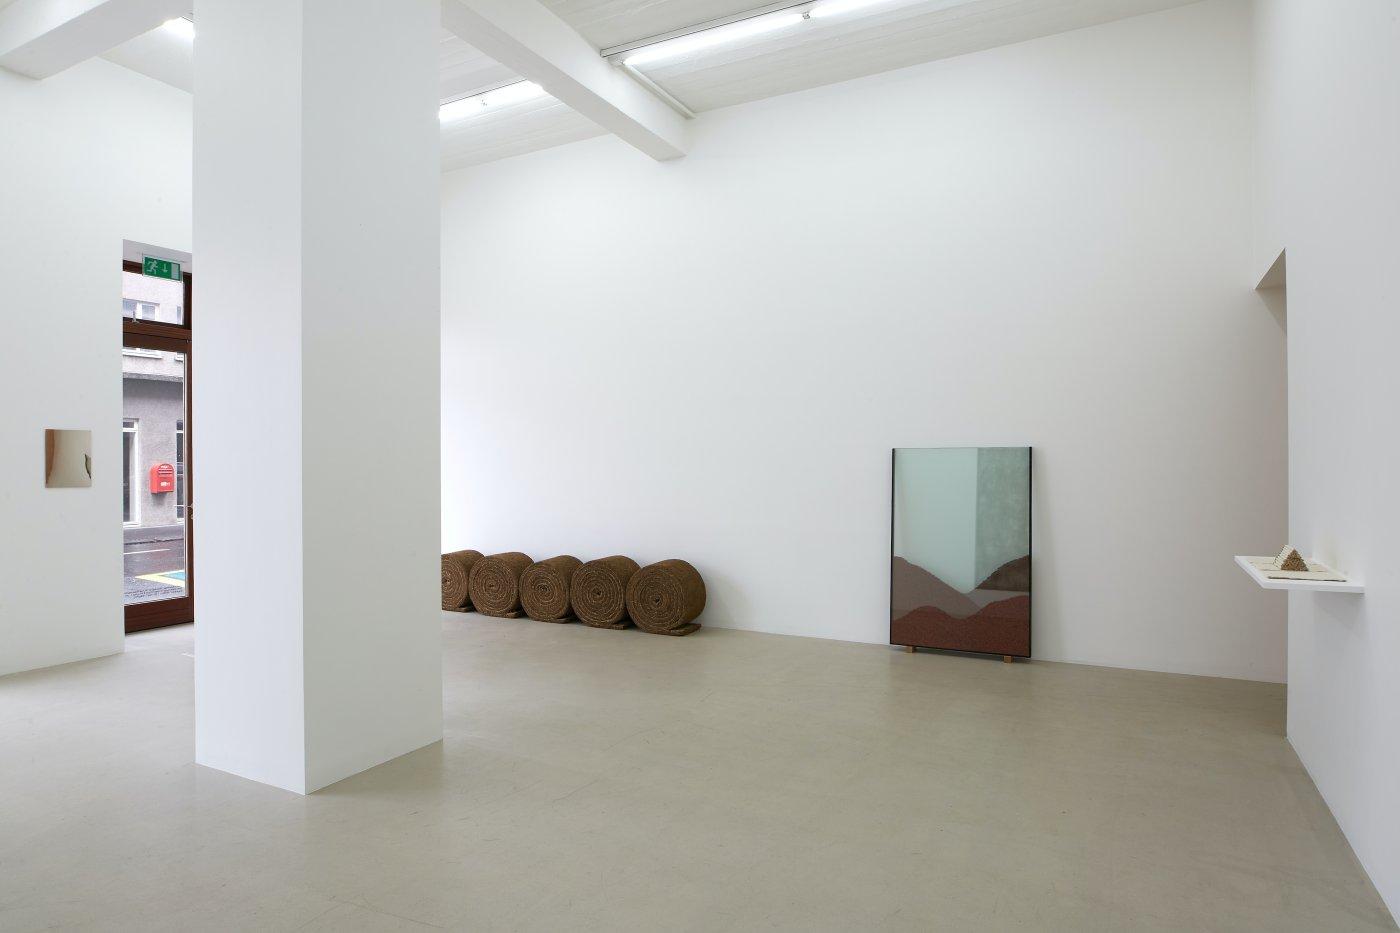 i8 Gallery Ragna Robertsdottir 4